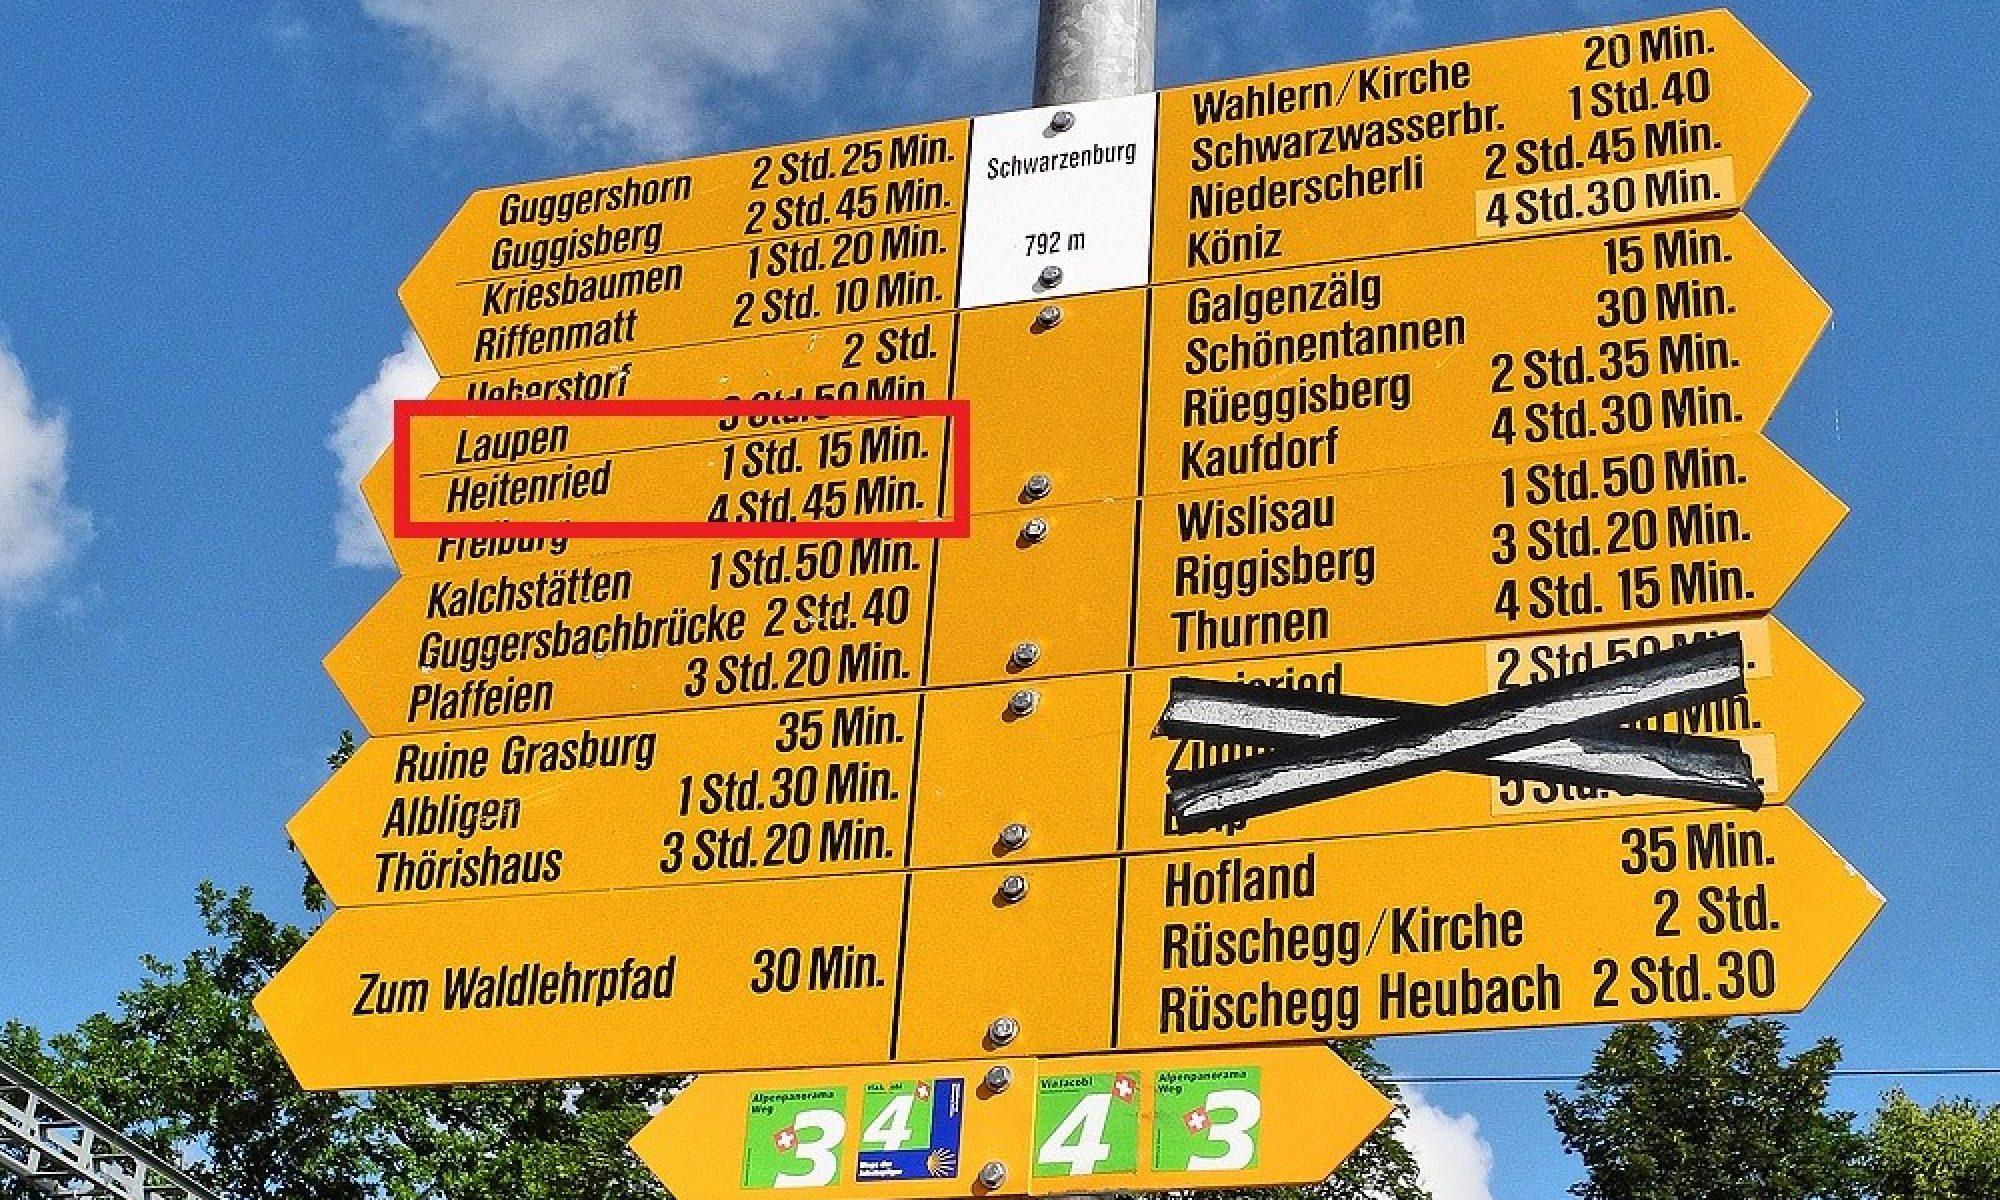 423 Schwarzenburg